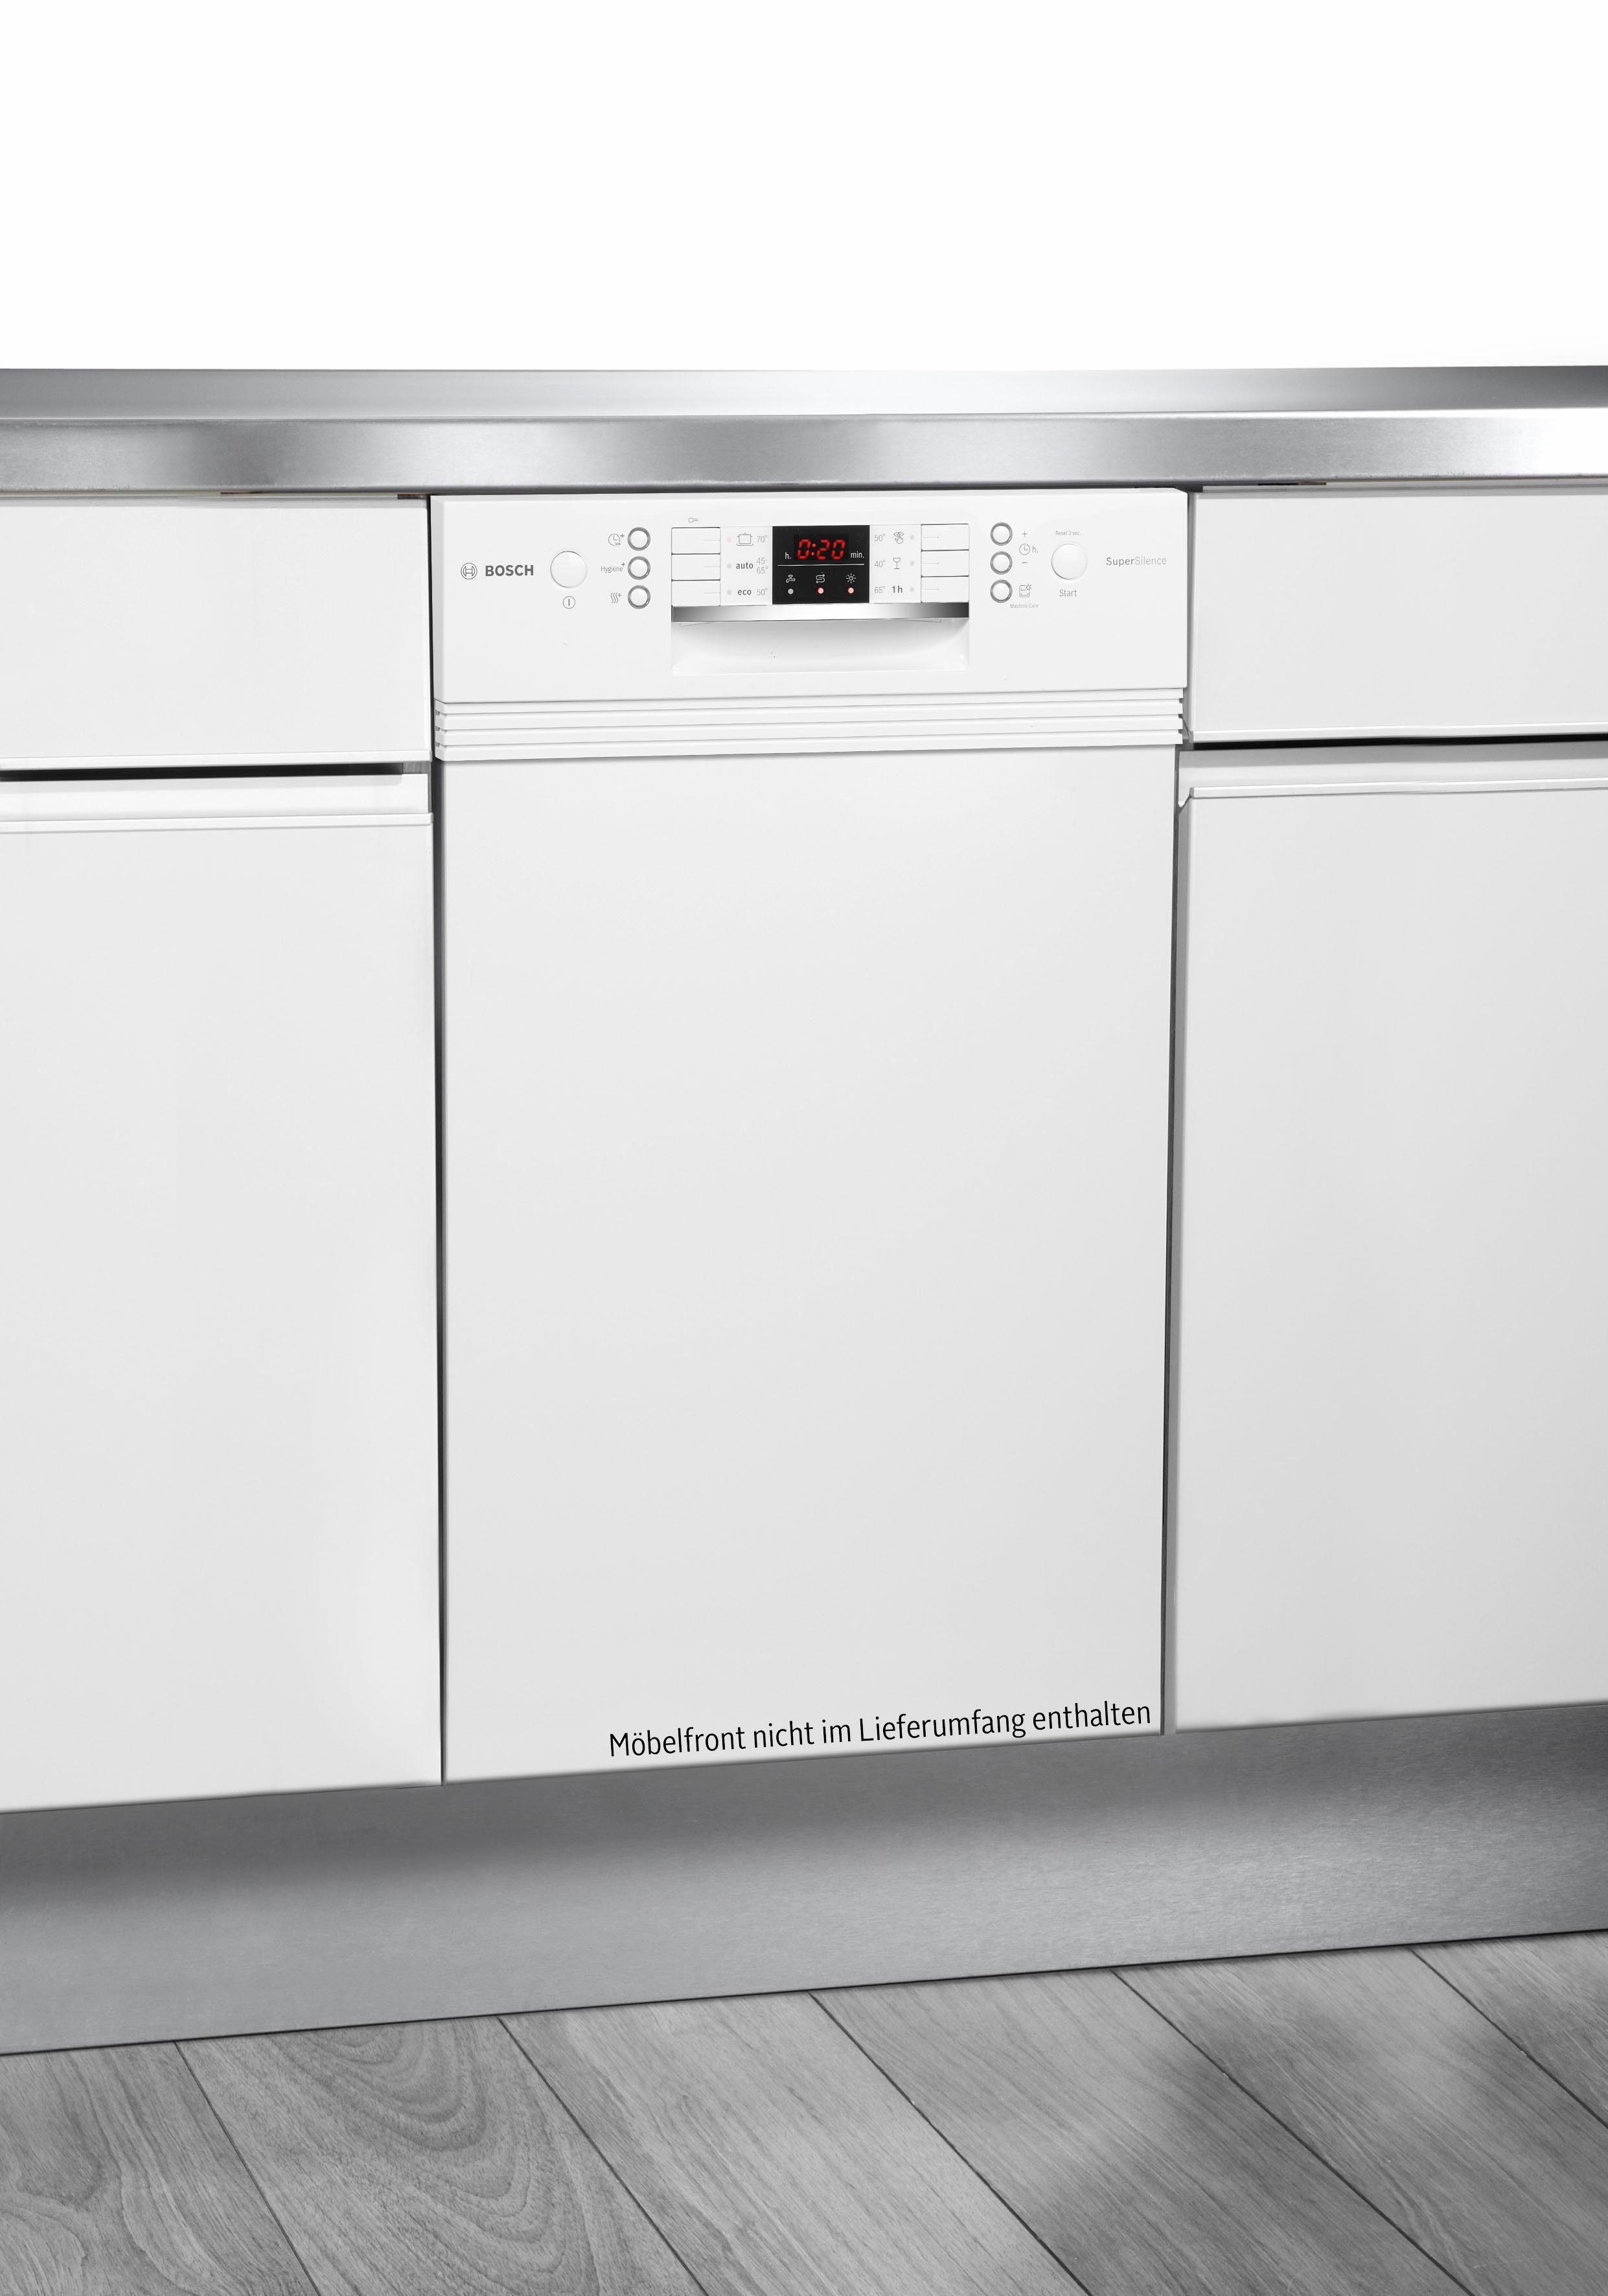 BOSCH teilintegrierbarer Geschirrspüler, SPI46MW01E, 9,5 l, 10 Maßgedecke, 45 cm breit